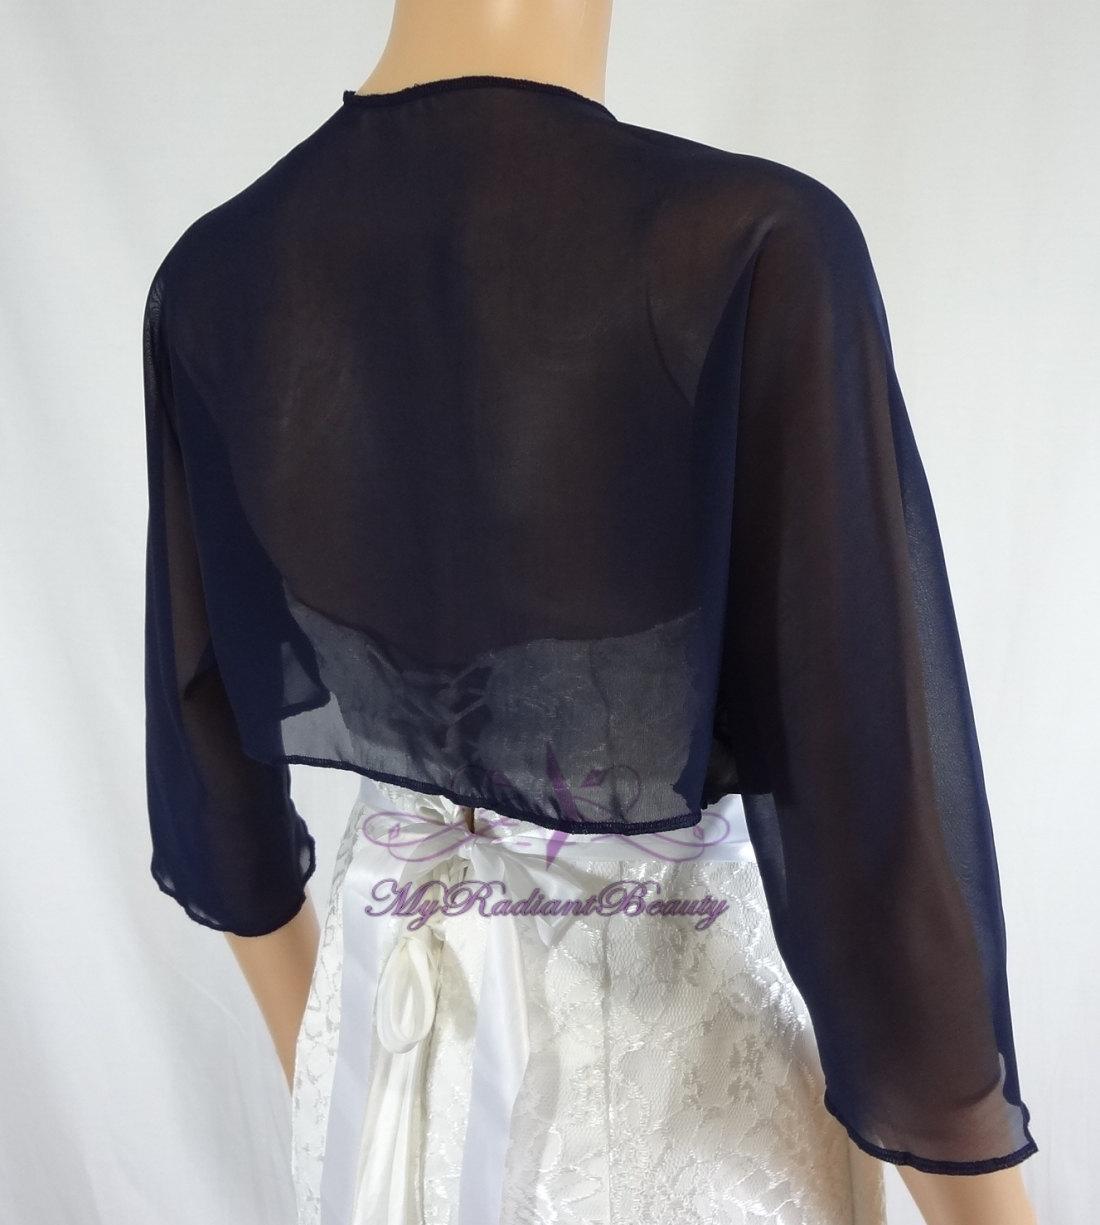 Chiffon wedding bolero jacket wedding dresses asian for Bolero jacket for wedding dress